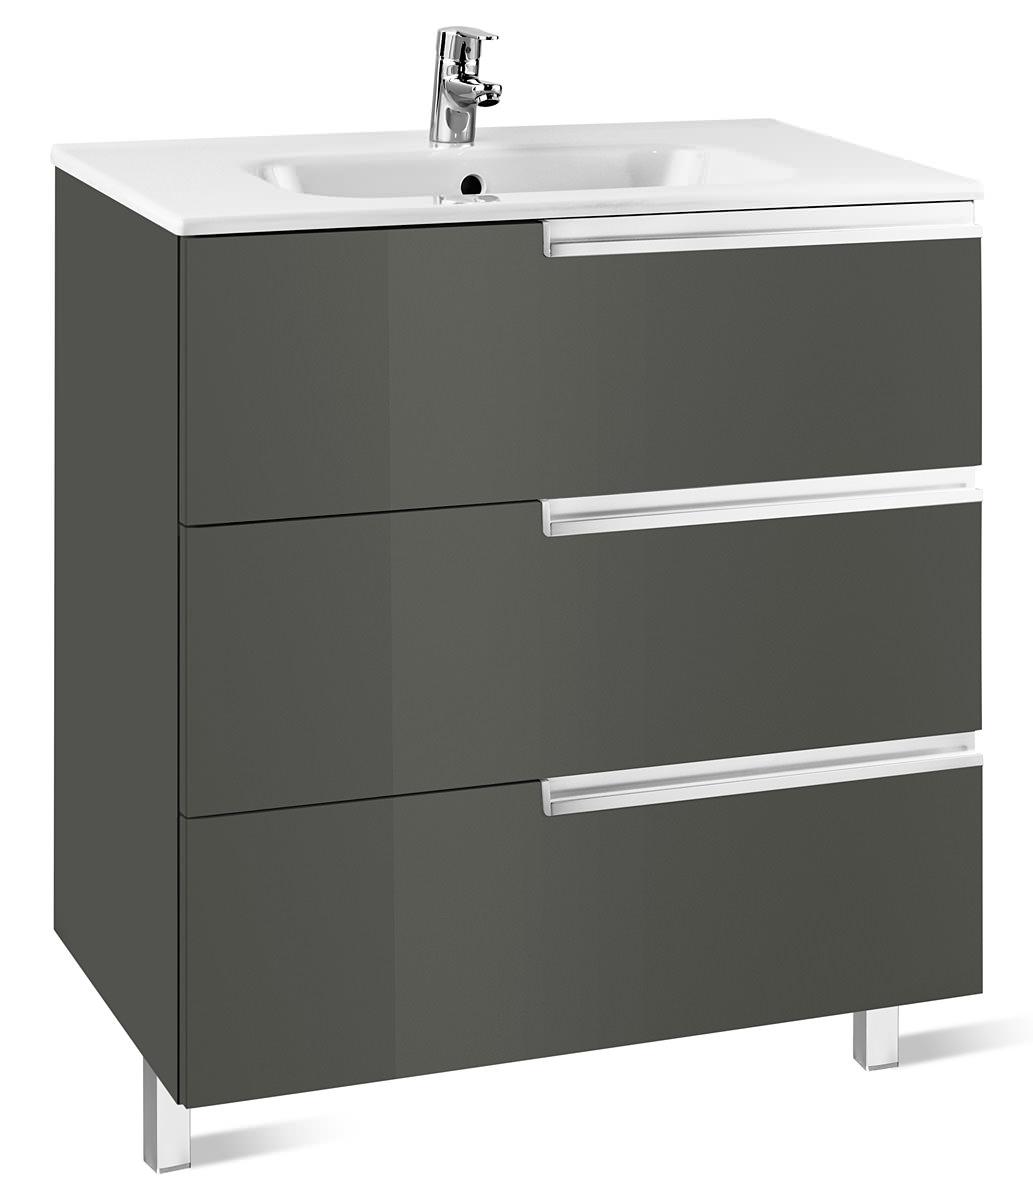 Image Result For Bathroom Basin Cabinet